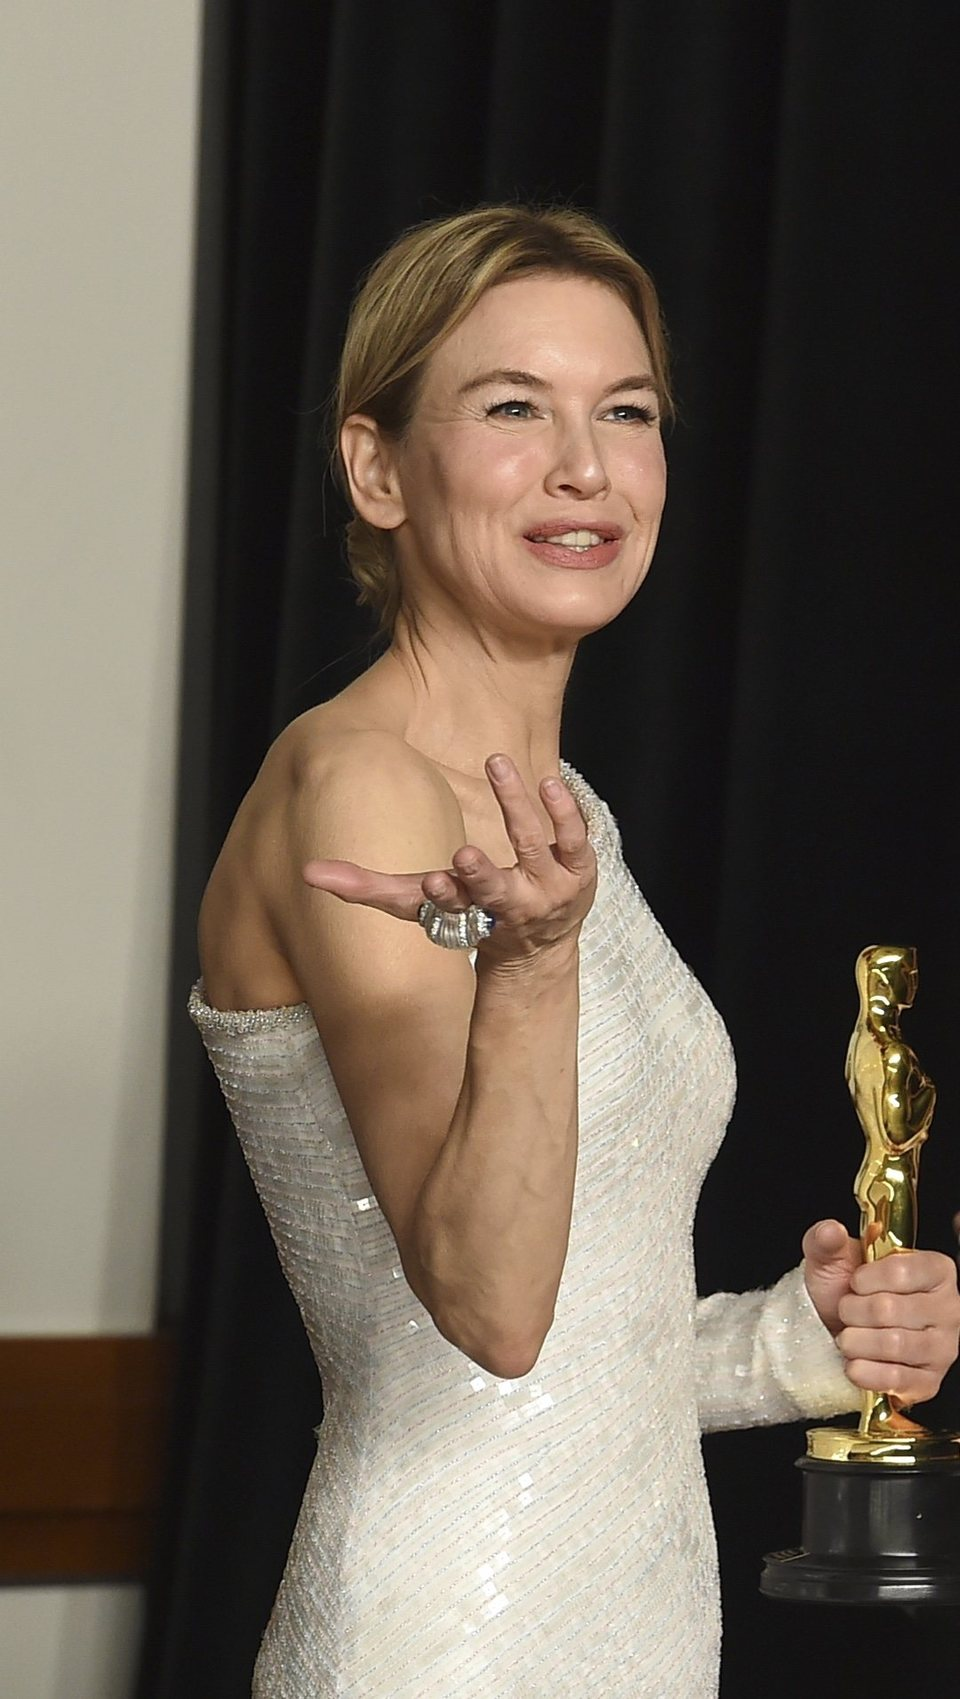 Renée Zellweger with her Best Actress Oscar for 'Judy'